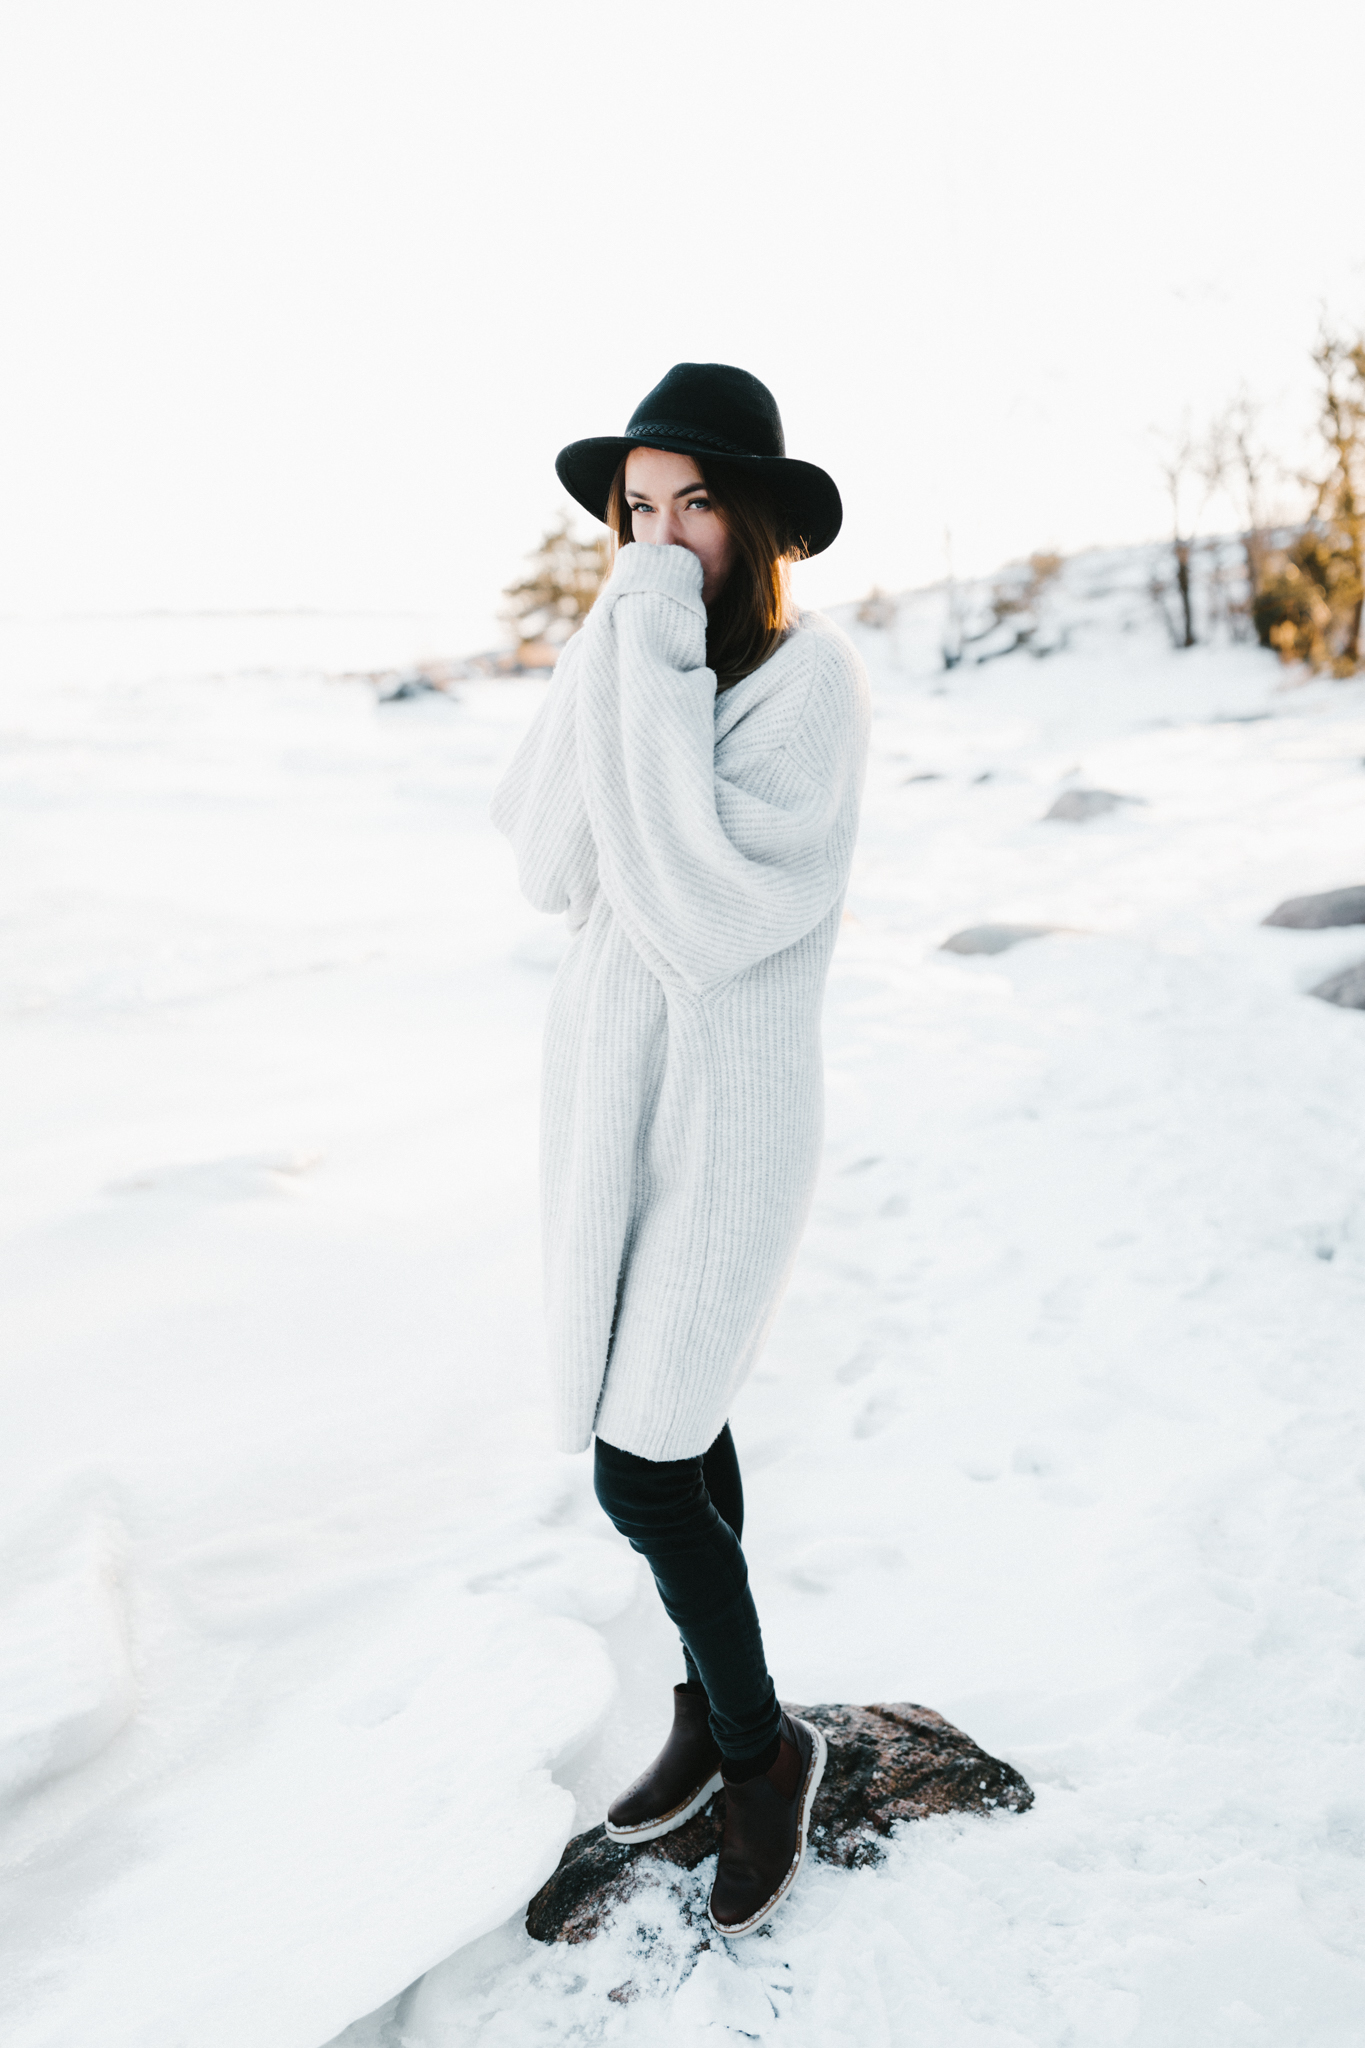 Julia Toivola -- Photos by Patrick Karkkolainen Photographer-46.jpg